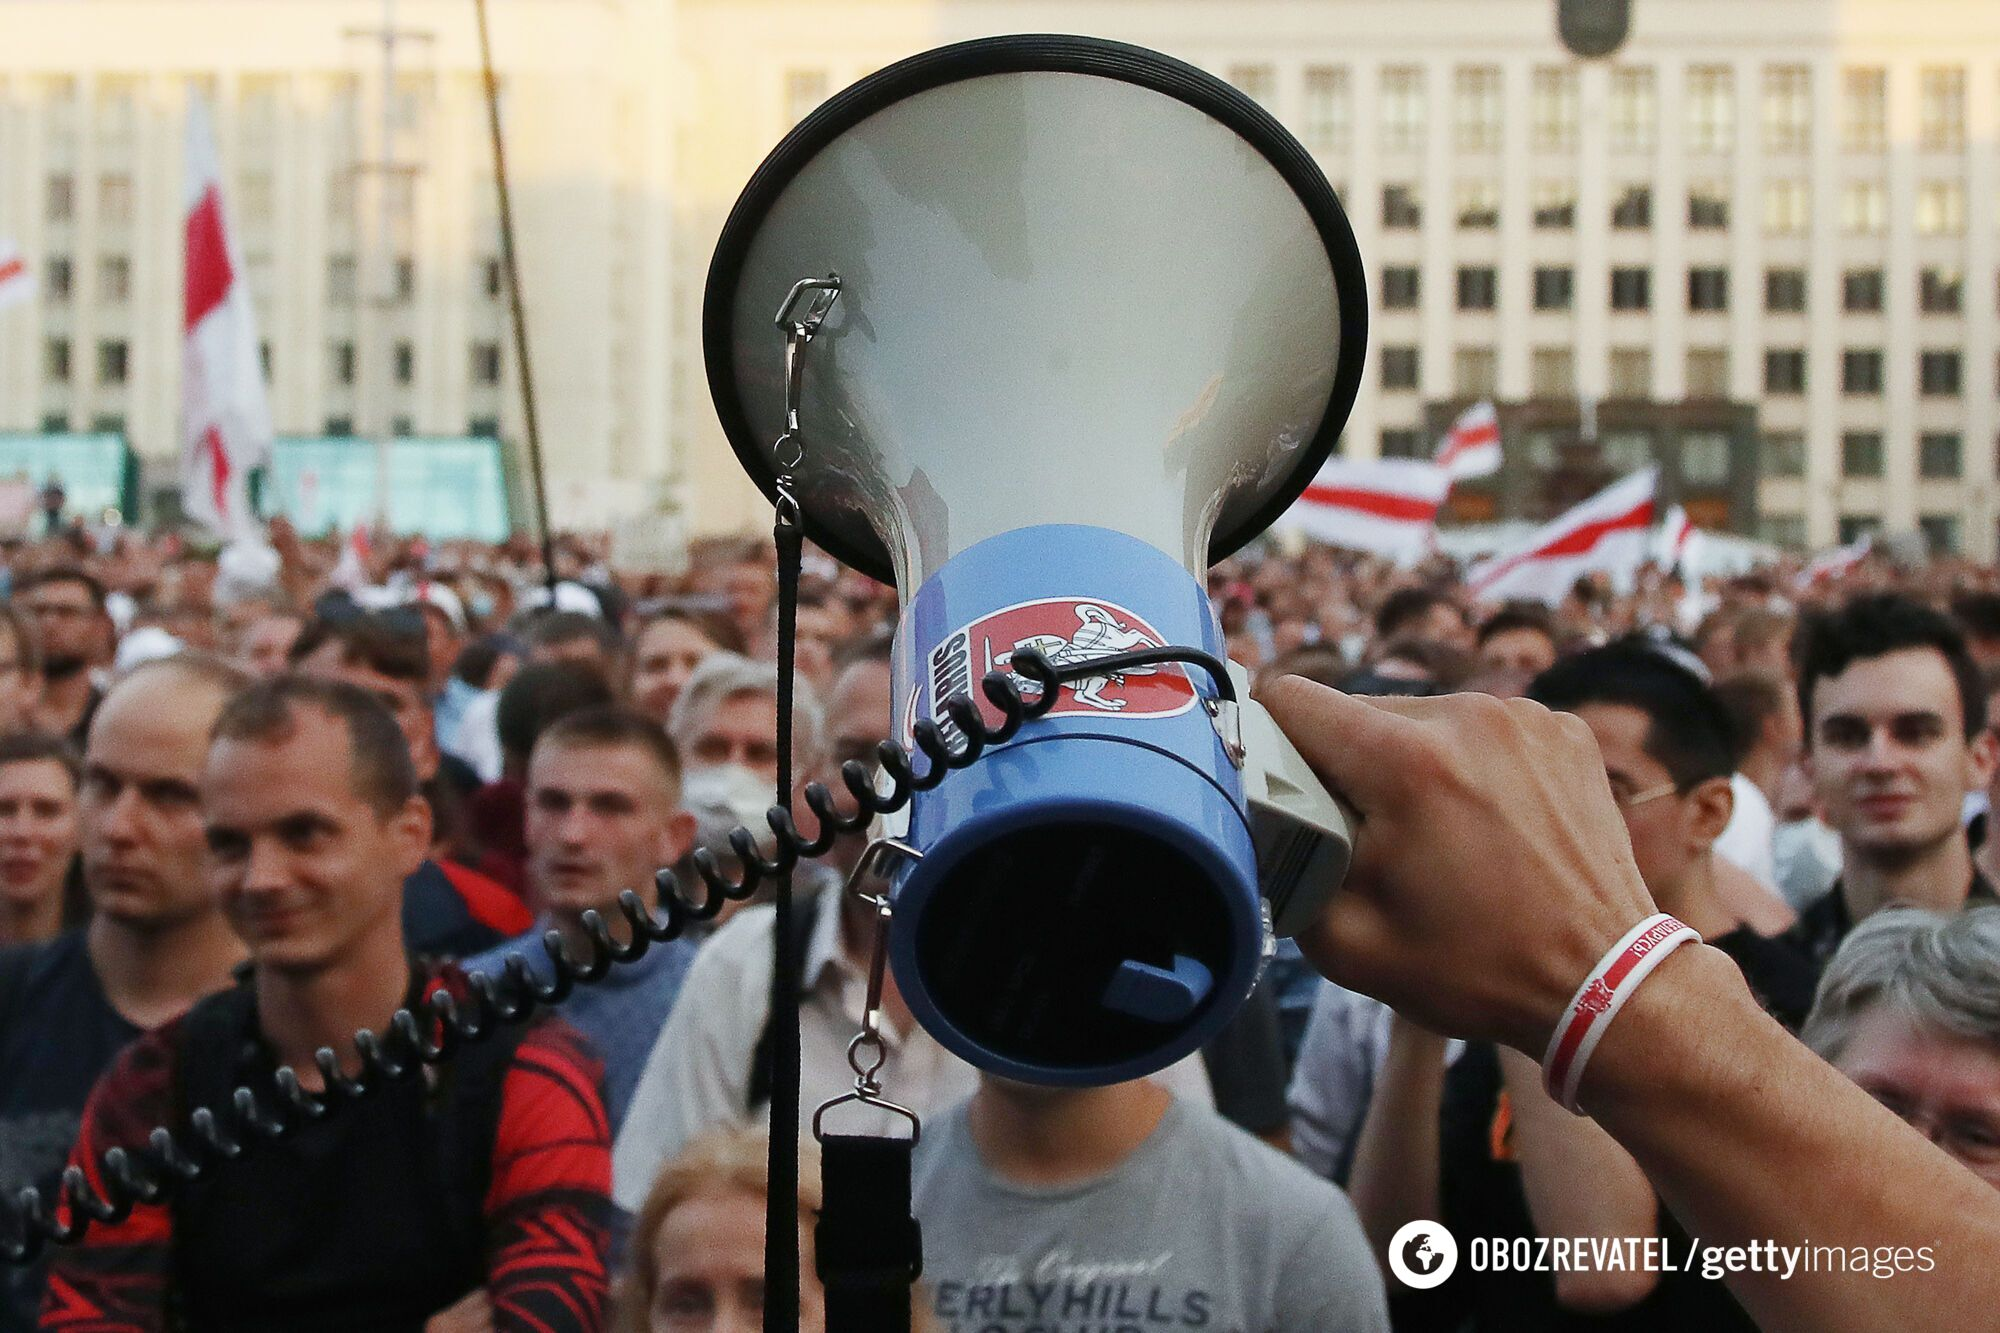 Опозиція не має наміру припиняти протести, поки Лукашенко не погодиться на діалог